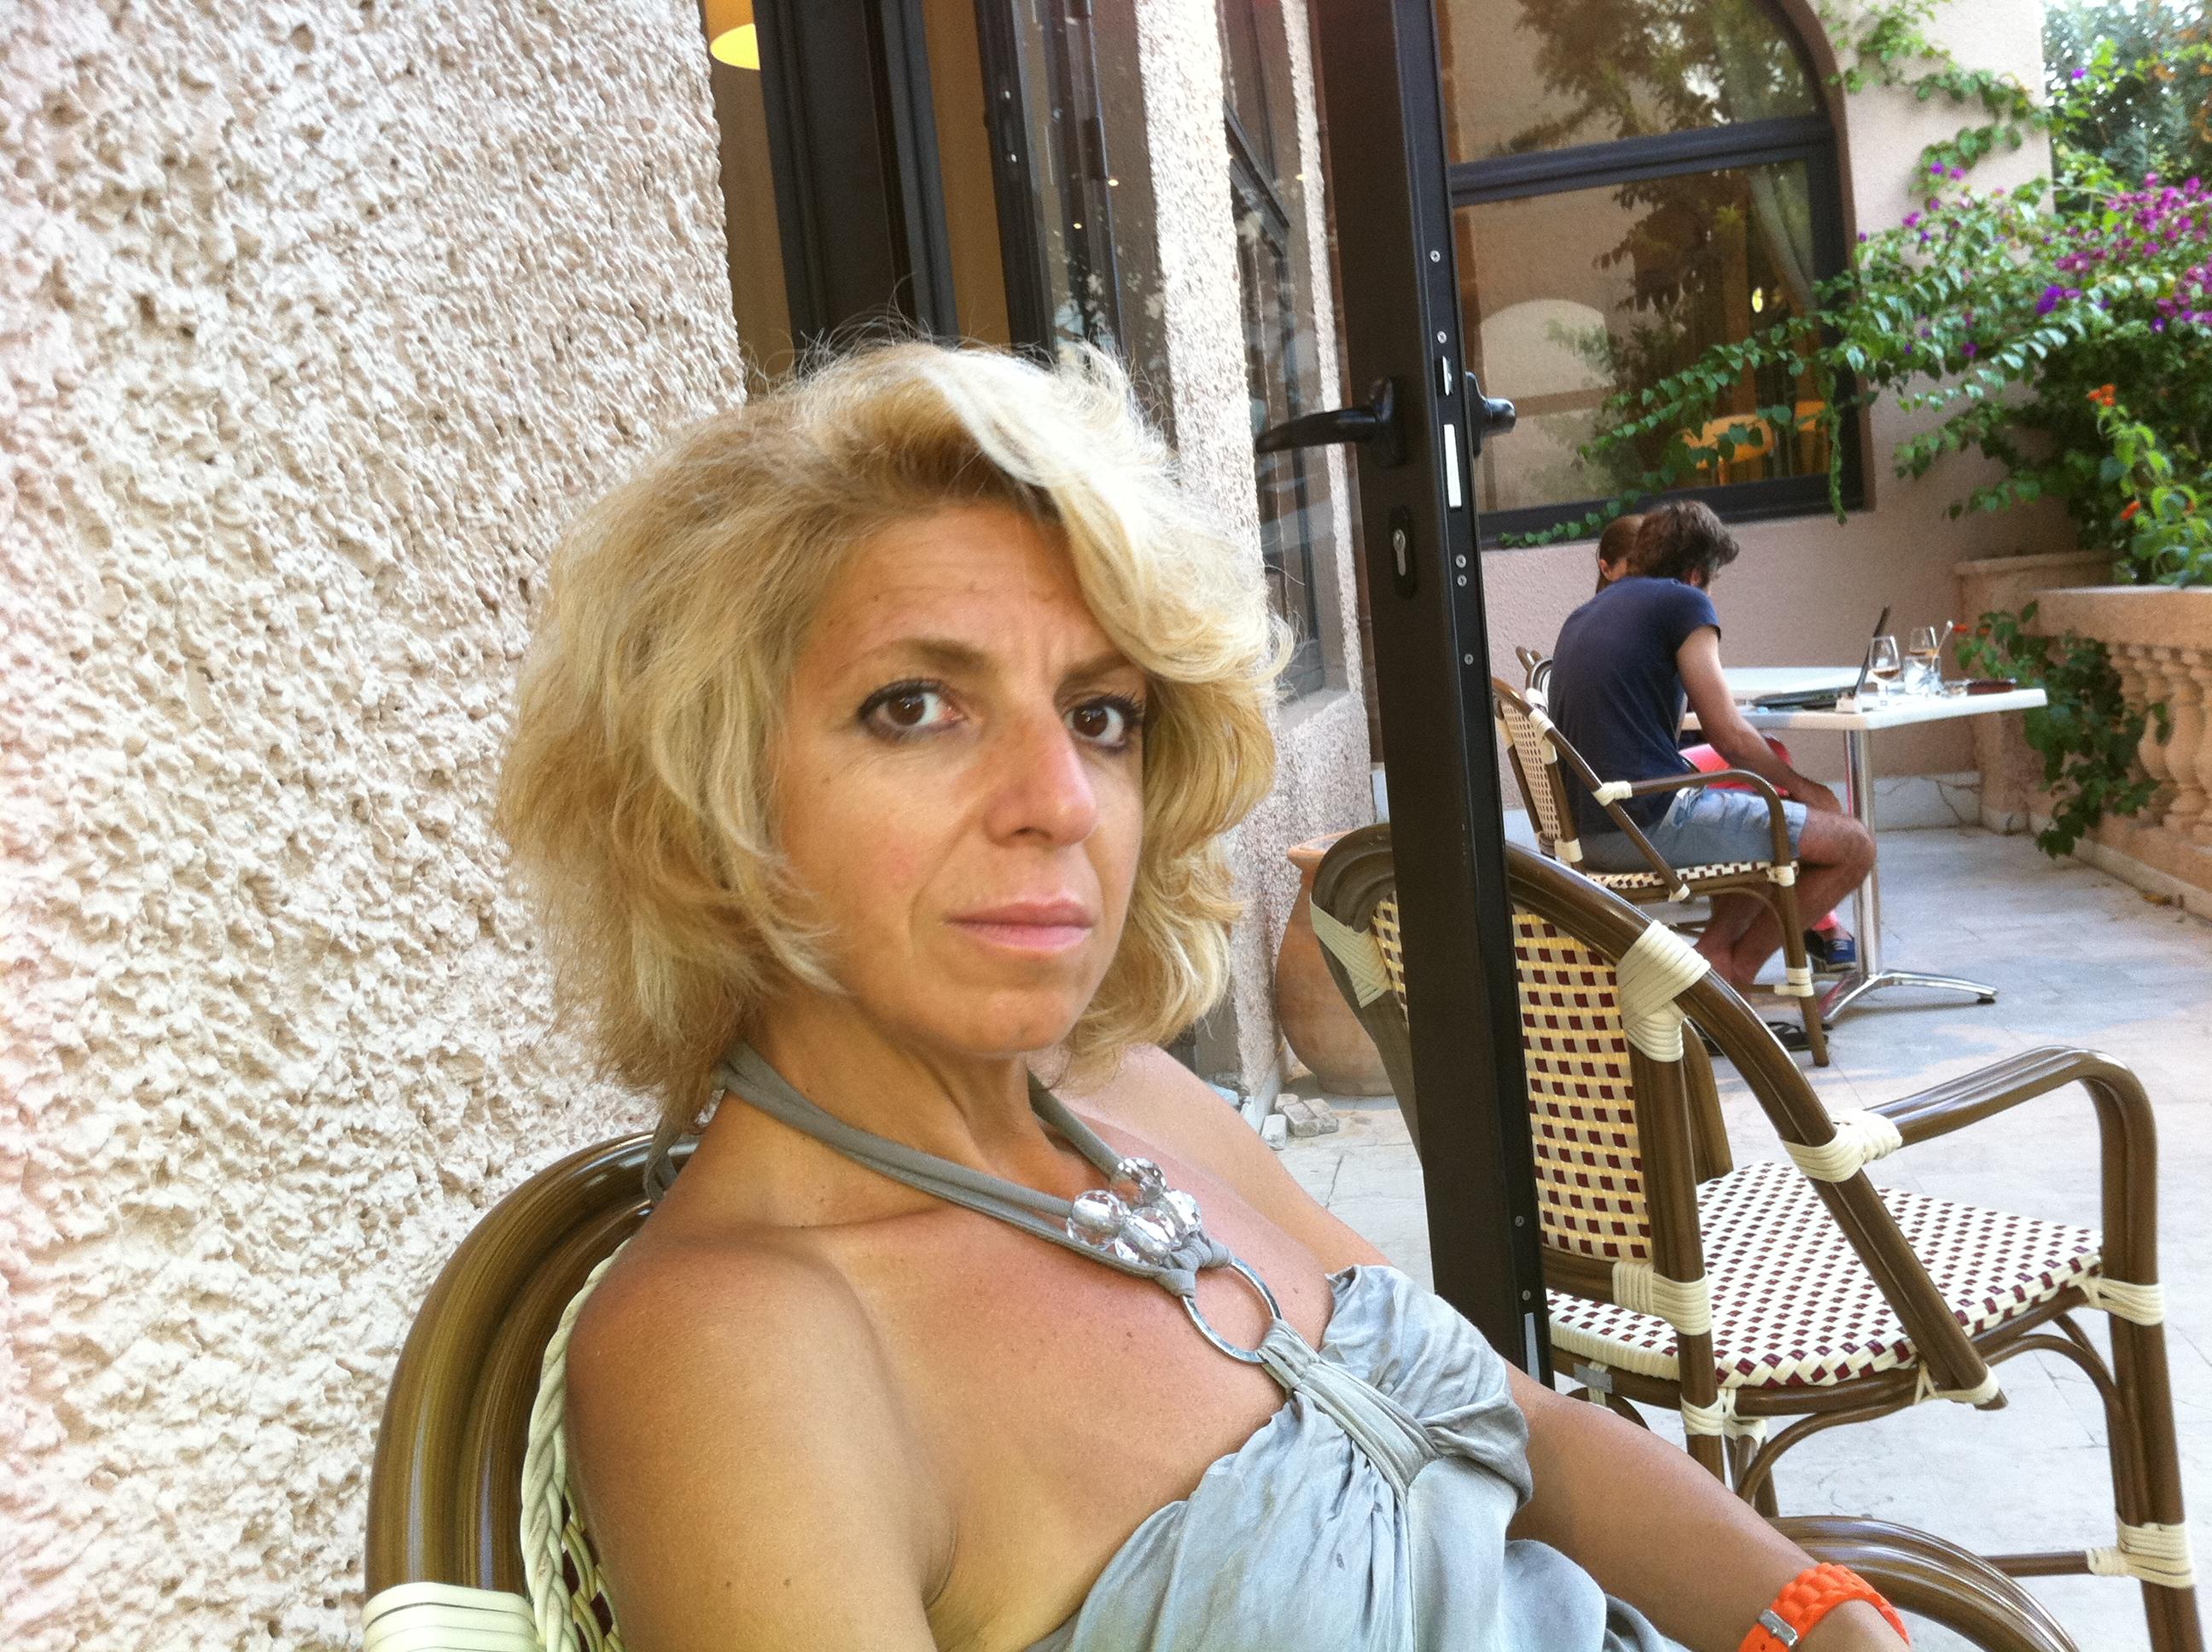 Femme cherche logement gratuit belgique